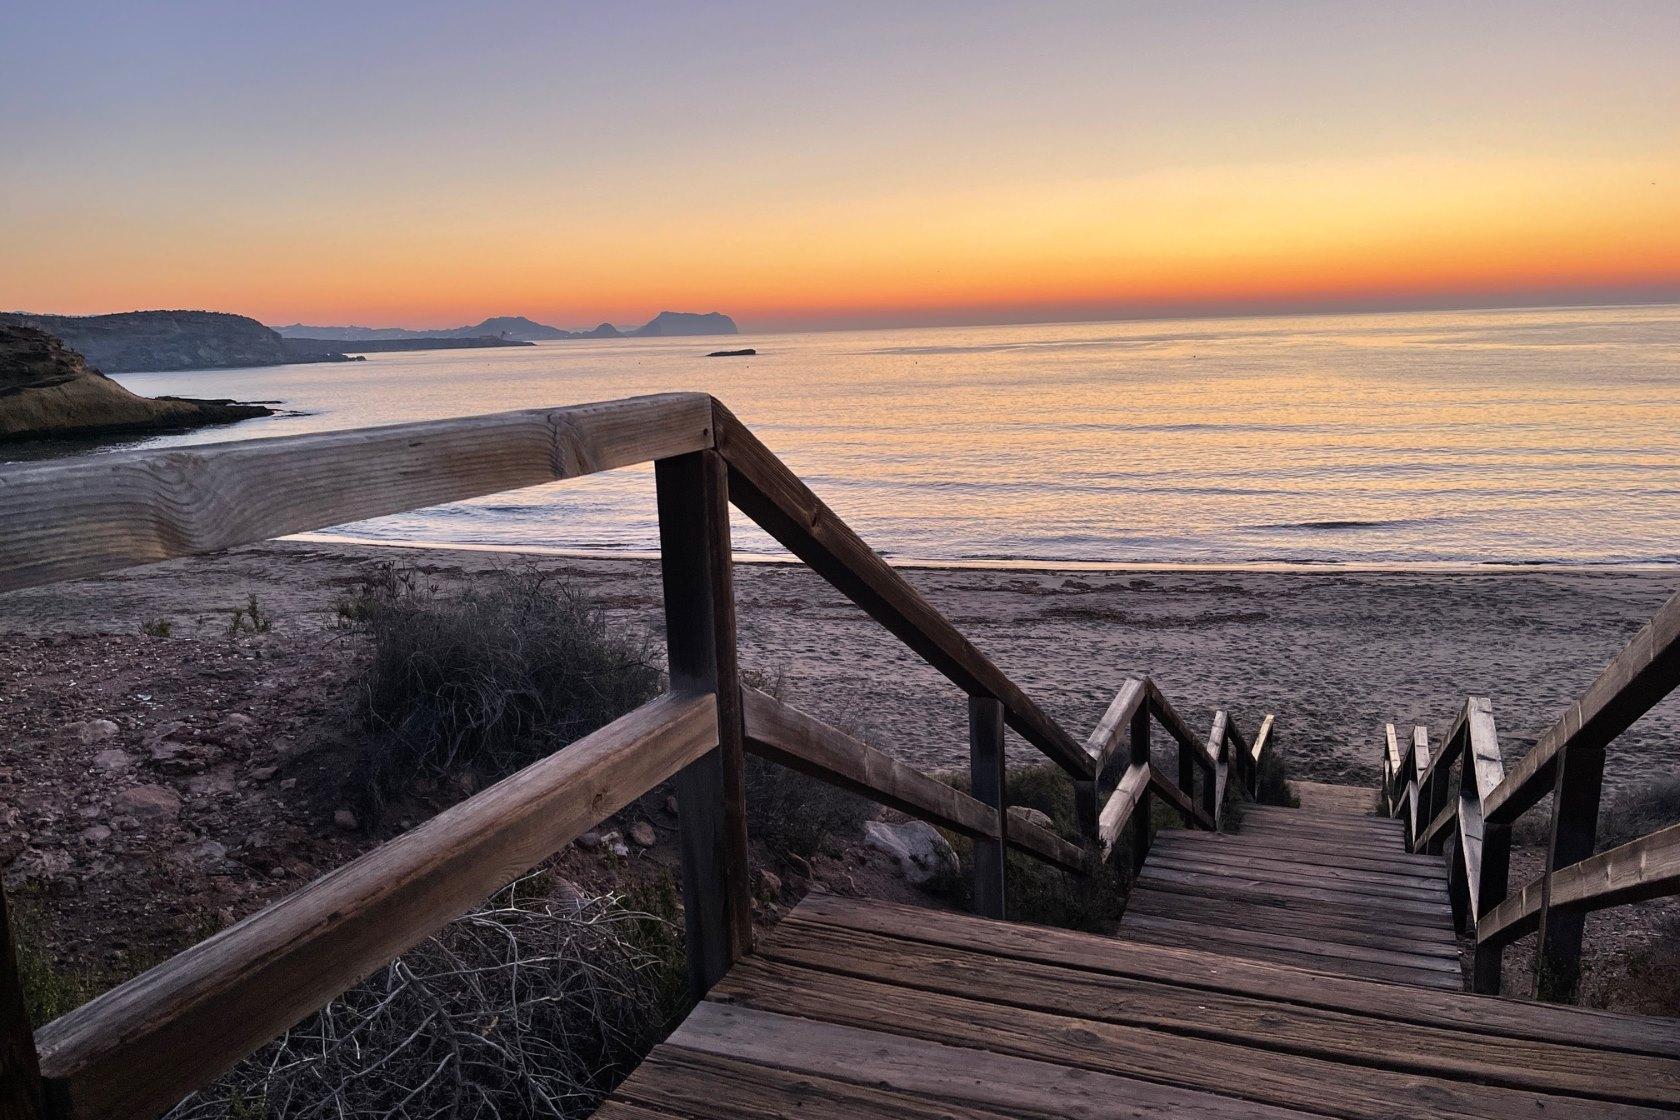 Sonnenaufgang_Andalusien